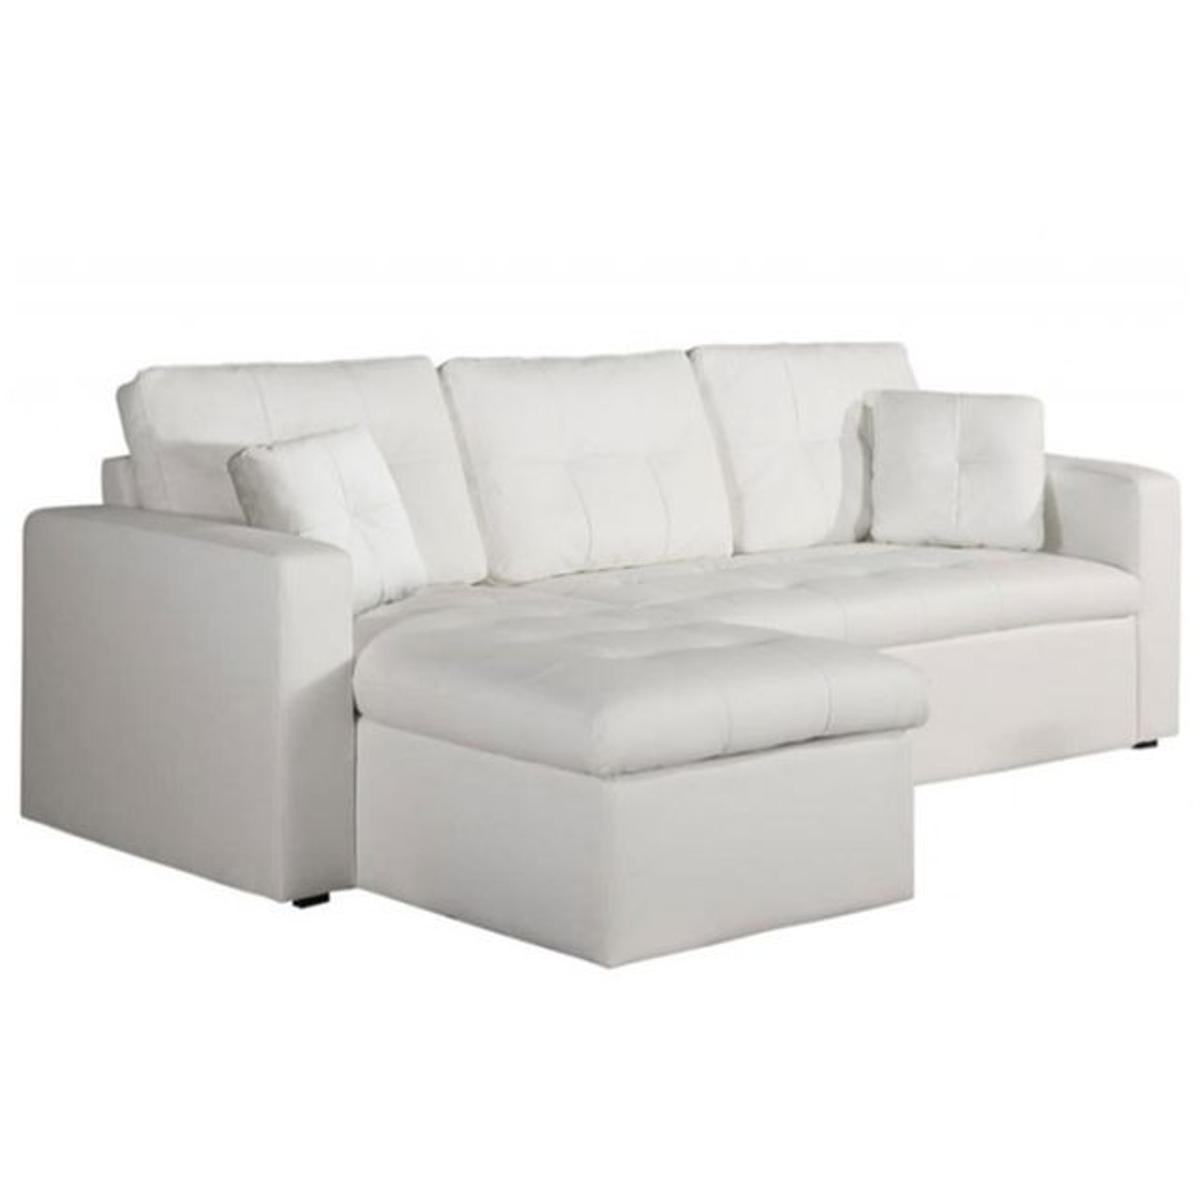 Canapé d'angle 3 places modulable et convertible blanc Enzo